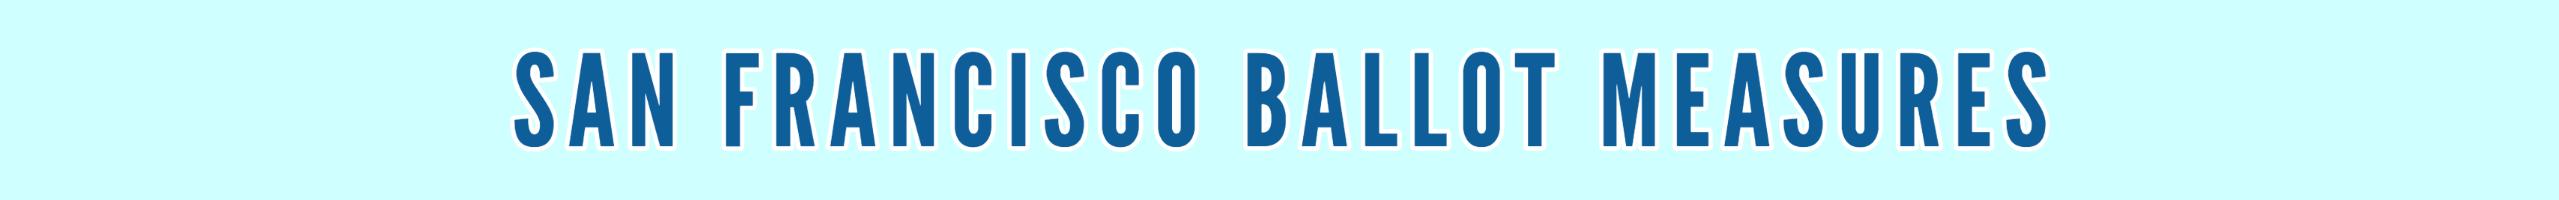 San Francisco Ballot Measures